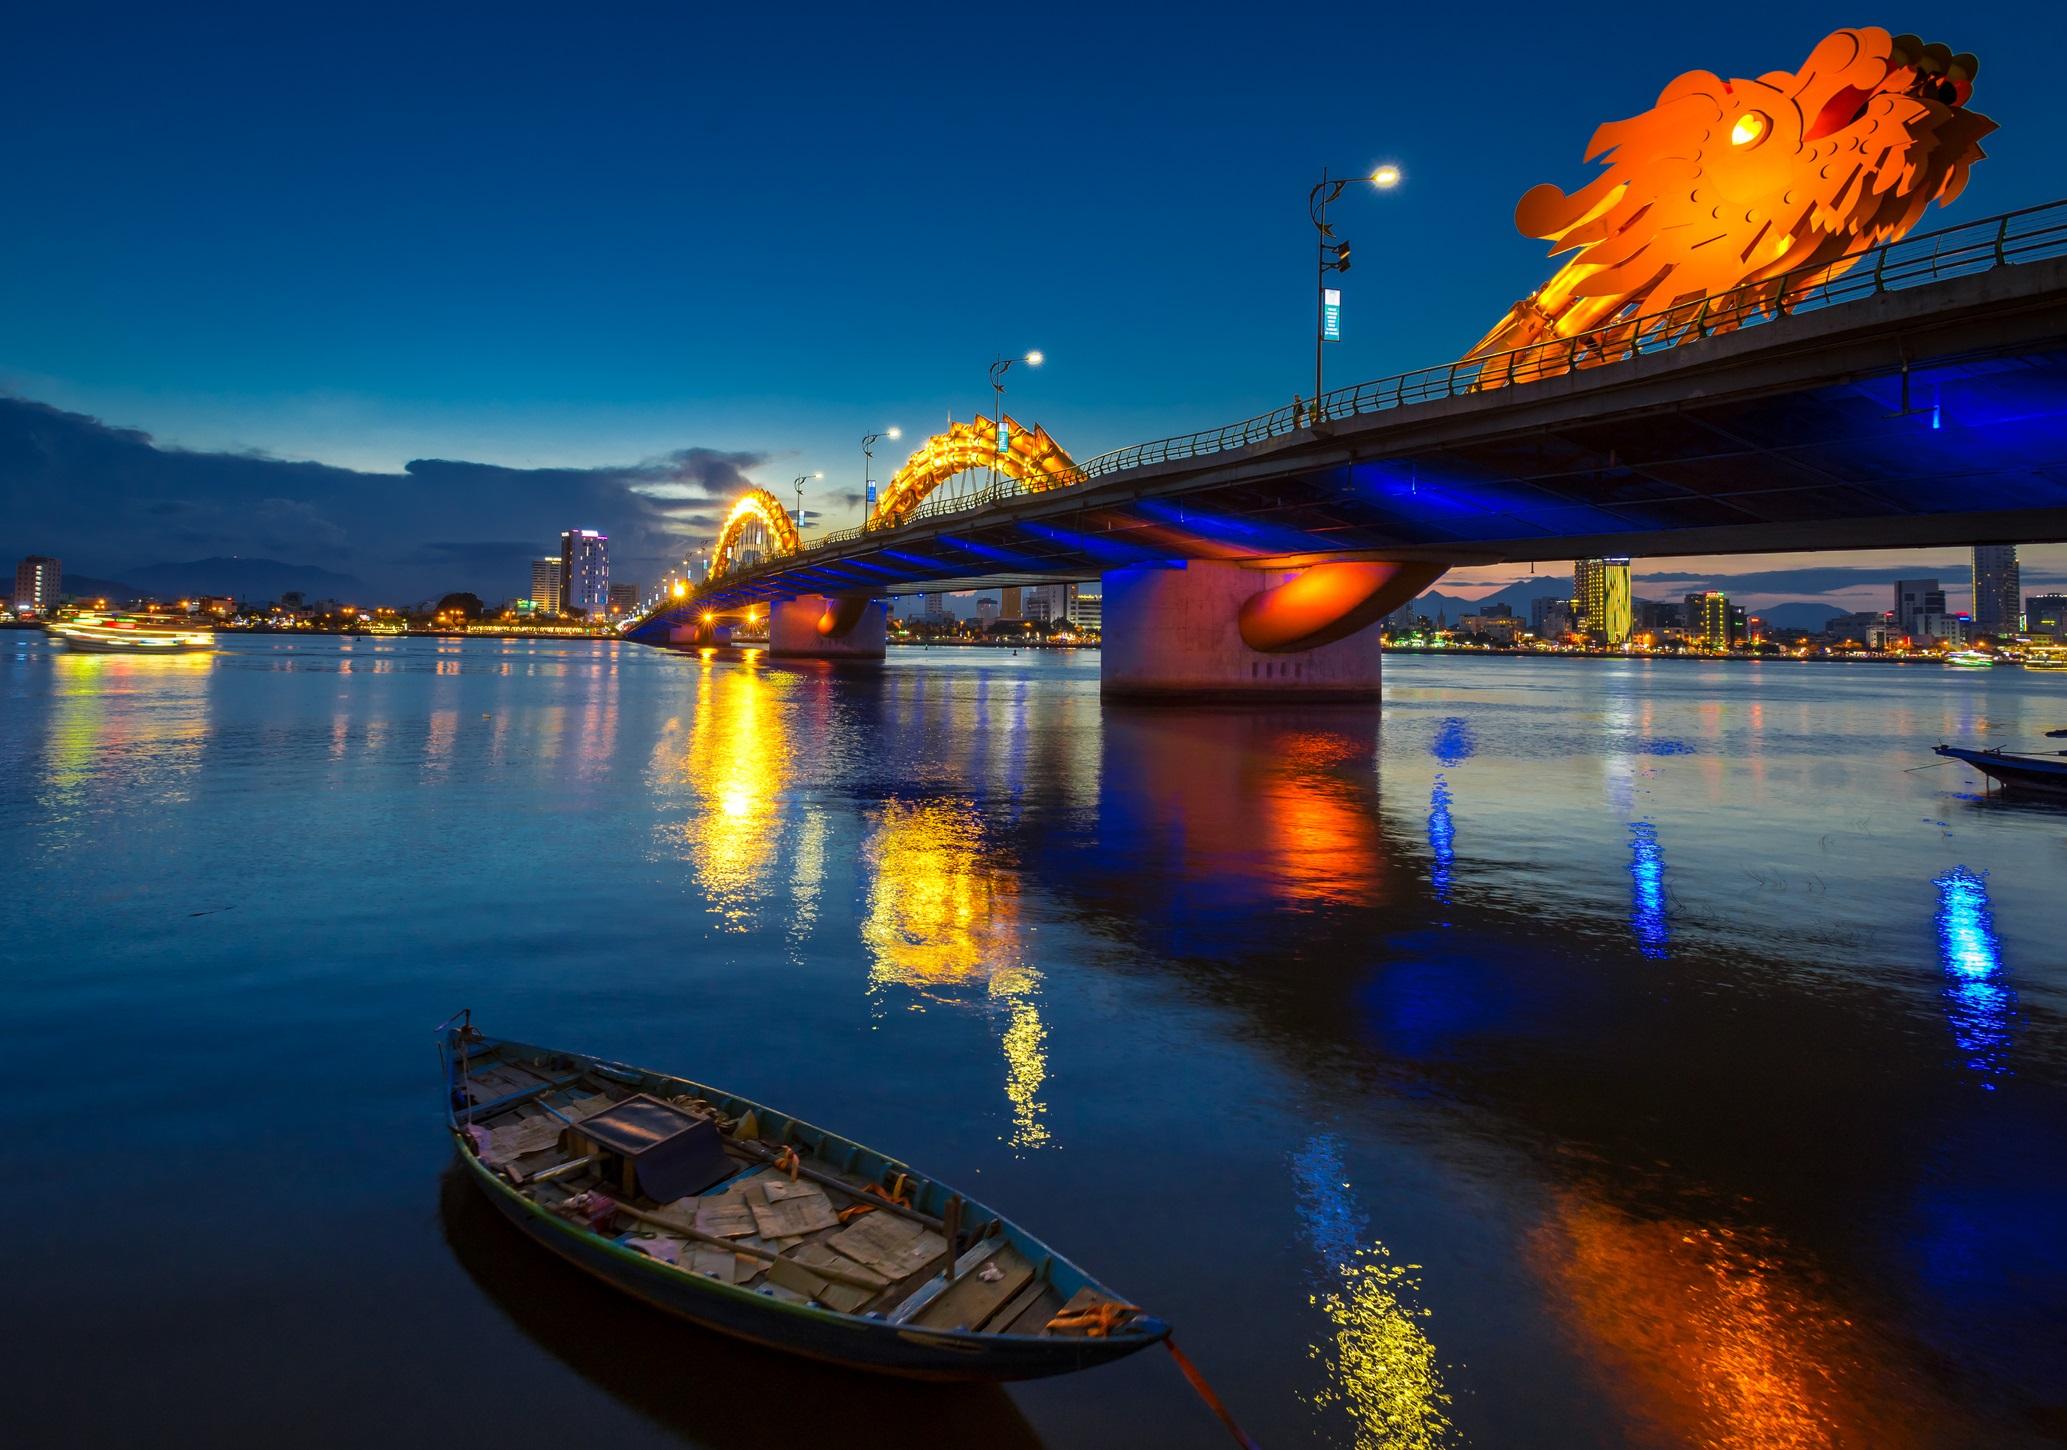 <p><strong>Драконовият мост (Да Нанг, Виетнам)</strong></p>  <p>Дръзък, привличащ вниманието и със сигурност запомнящ се, Драконовият мост във Виетнам е, както подсказва името му, оформен да изглежда като страховит дракон. Извивайки се над река Хан, мостът е с обща дължина от 568 метра и поразителното метално същество може дори да издиша огън или вода, за да отбележи специални случаи.</p>